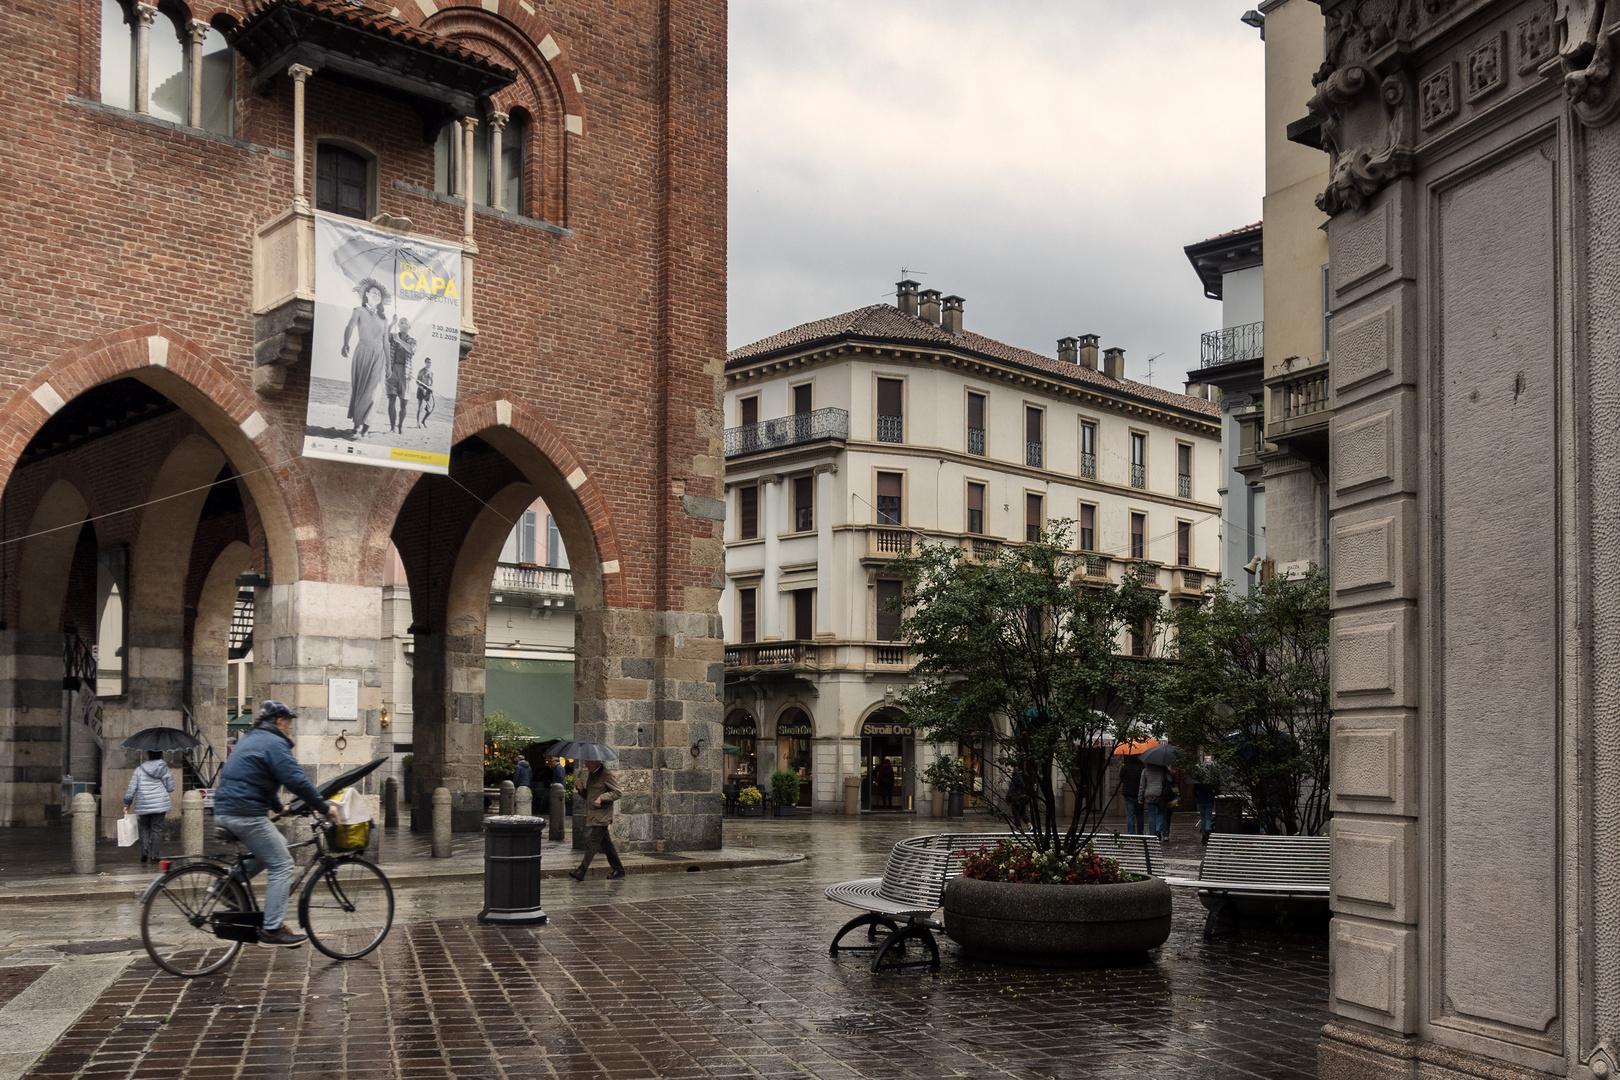 Monza, omaggio a Robert Capa